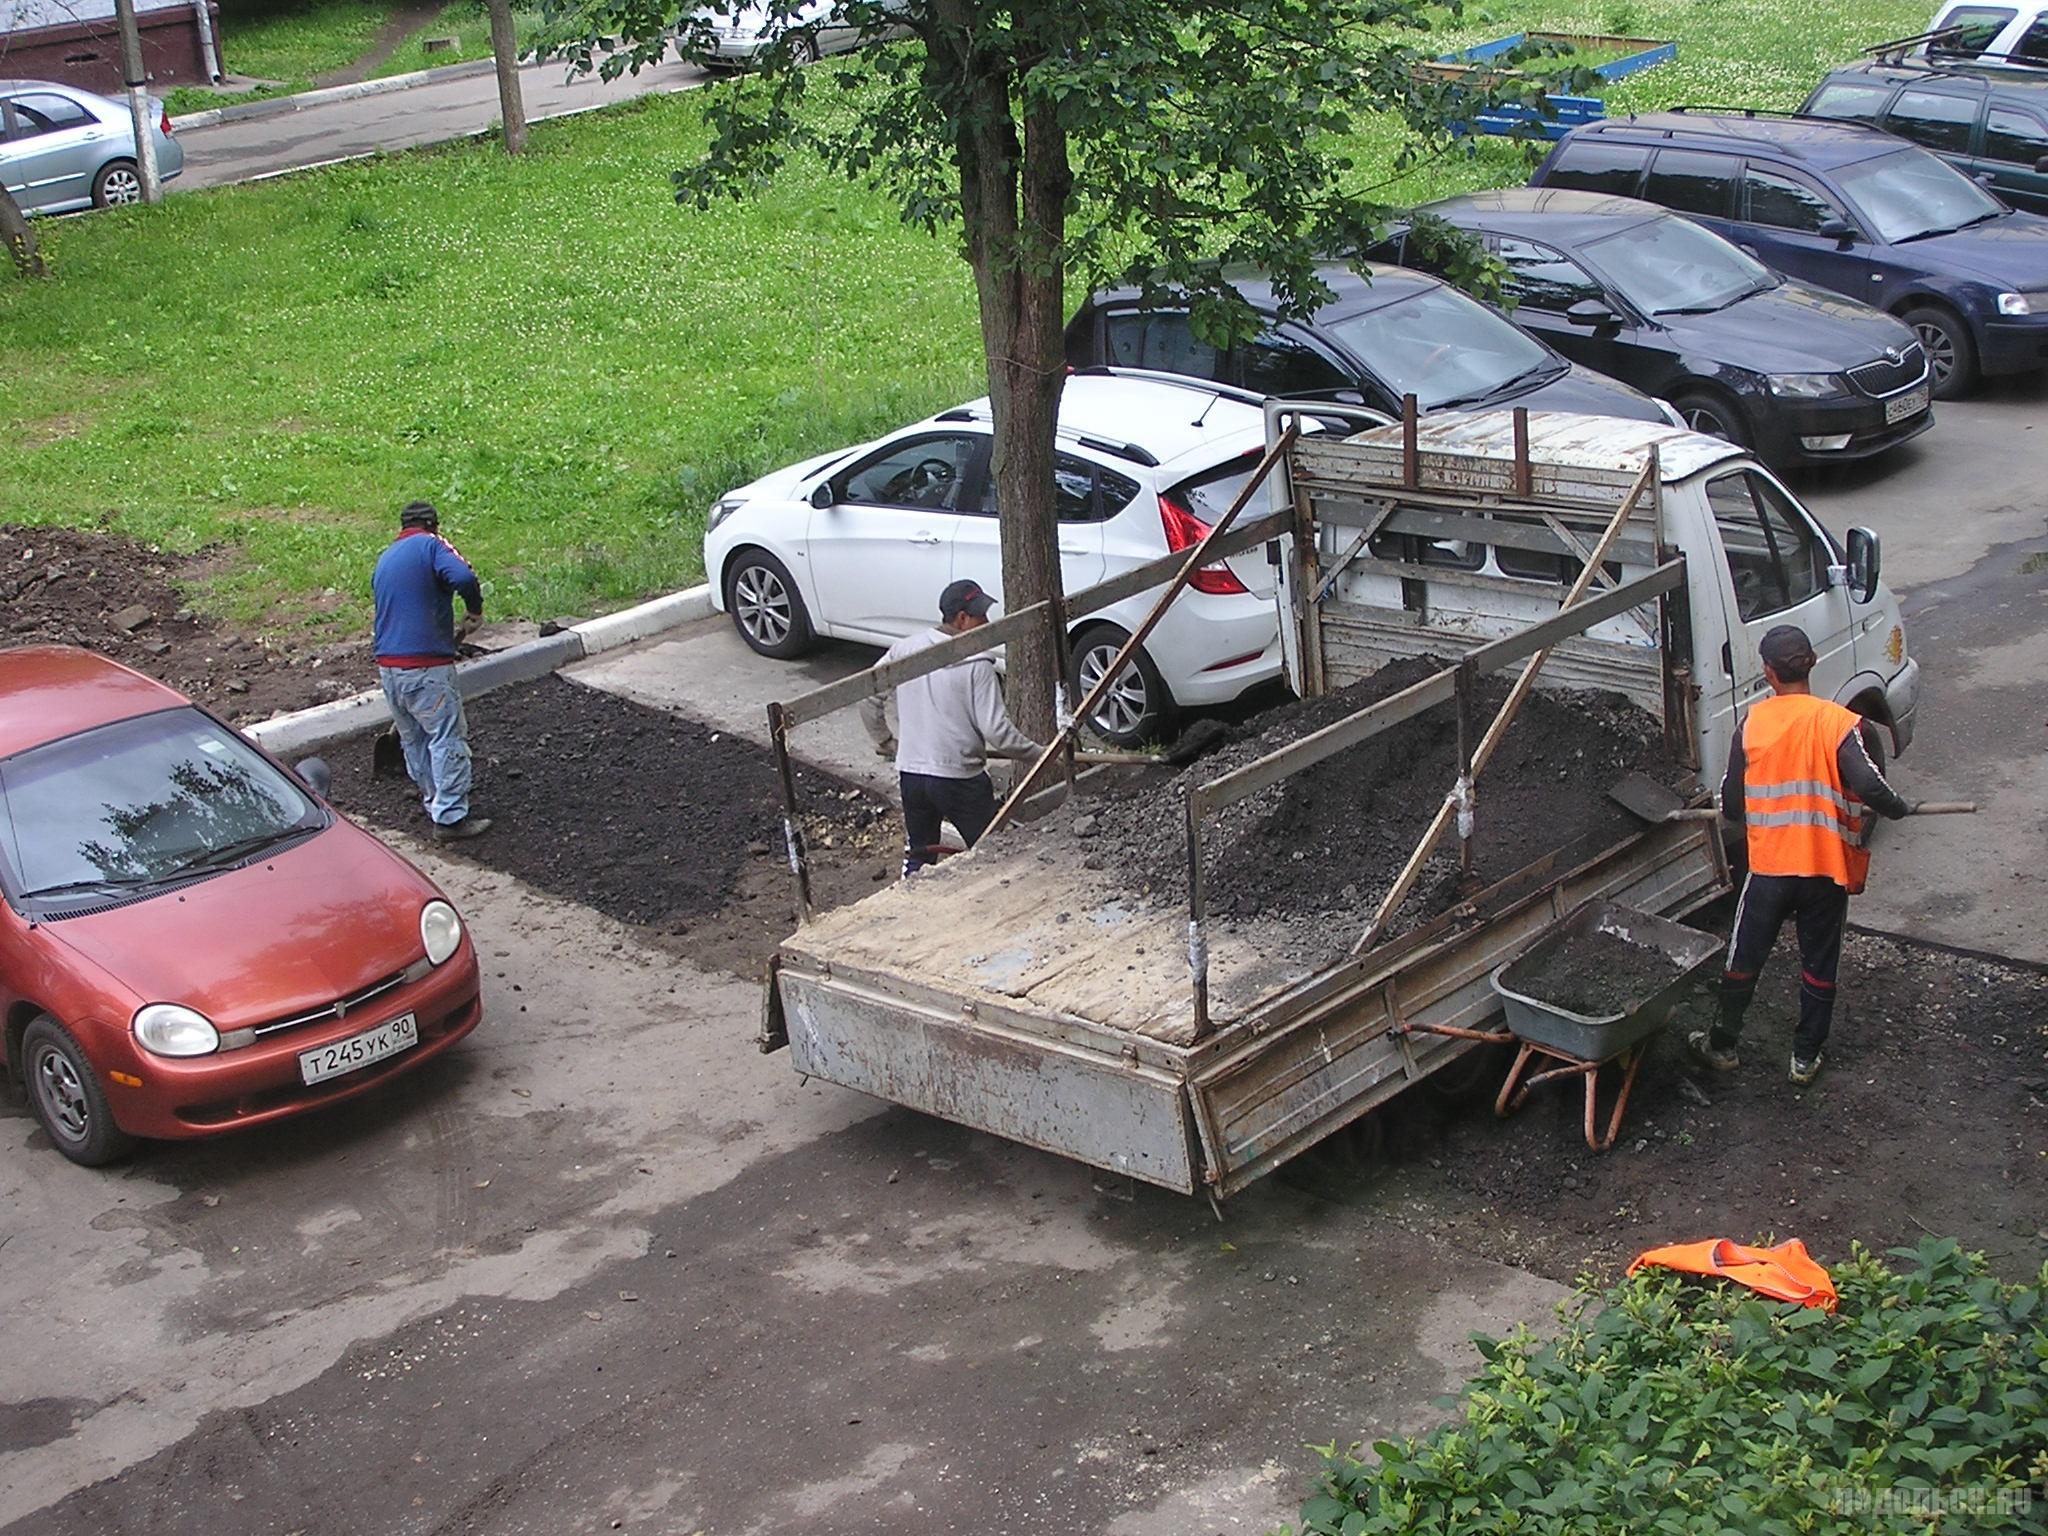 Восстановление асфальта после ремонта теплотрассы. Июль 2017.